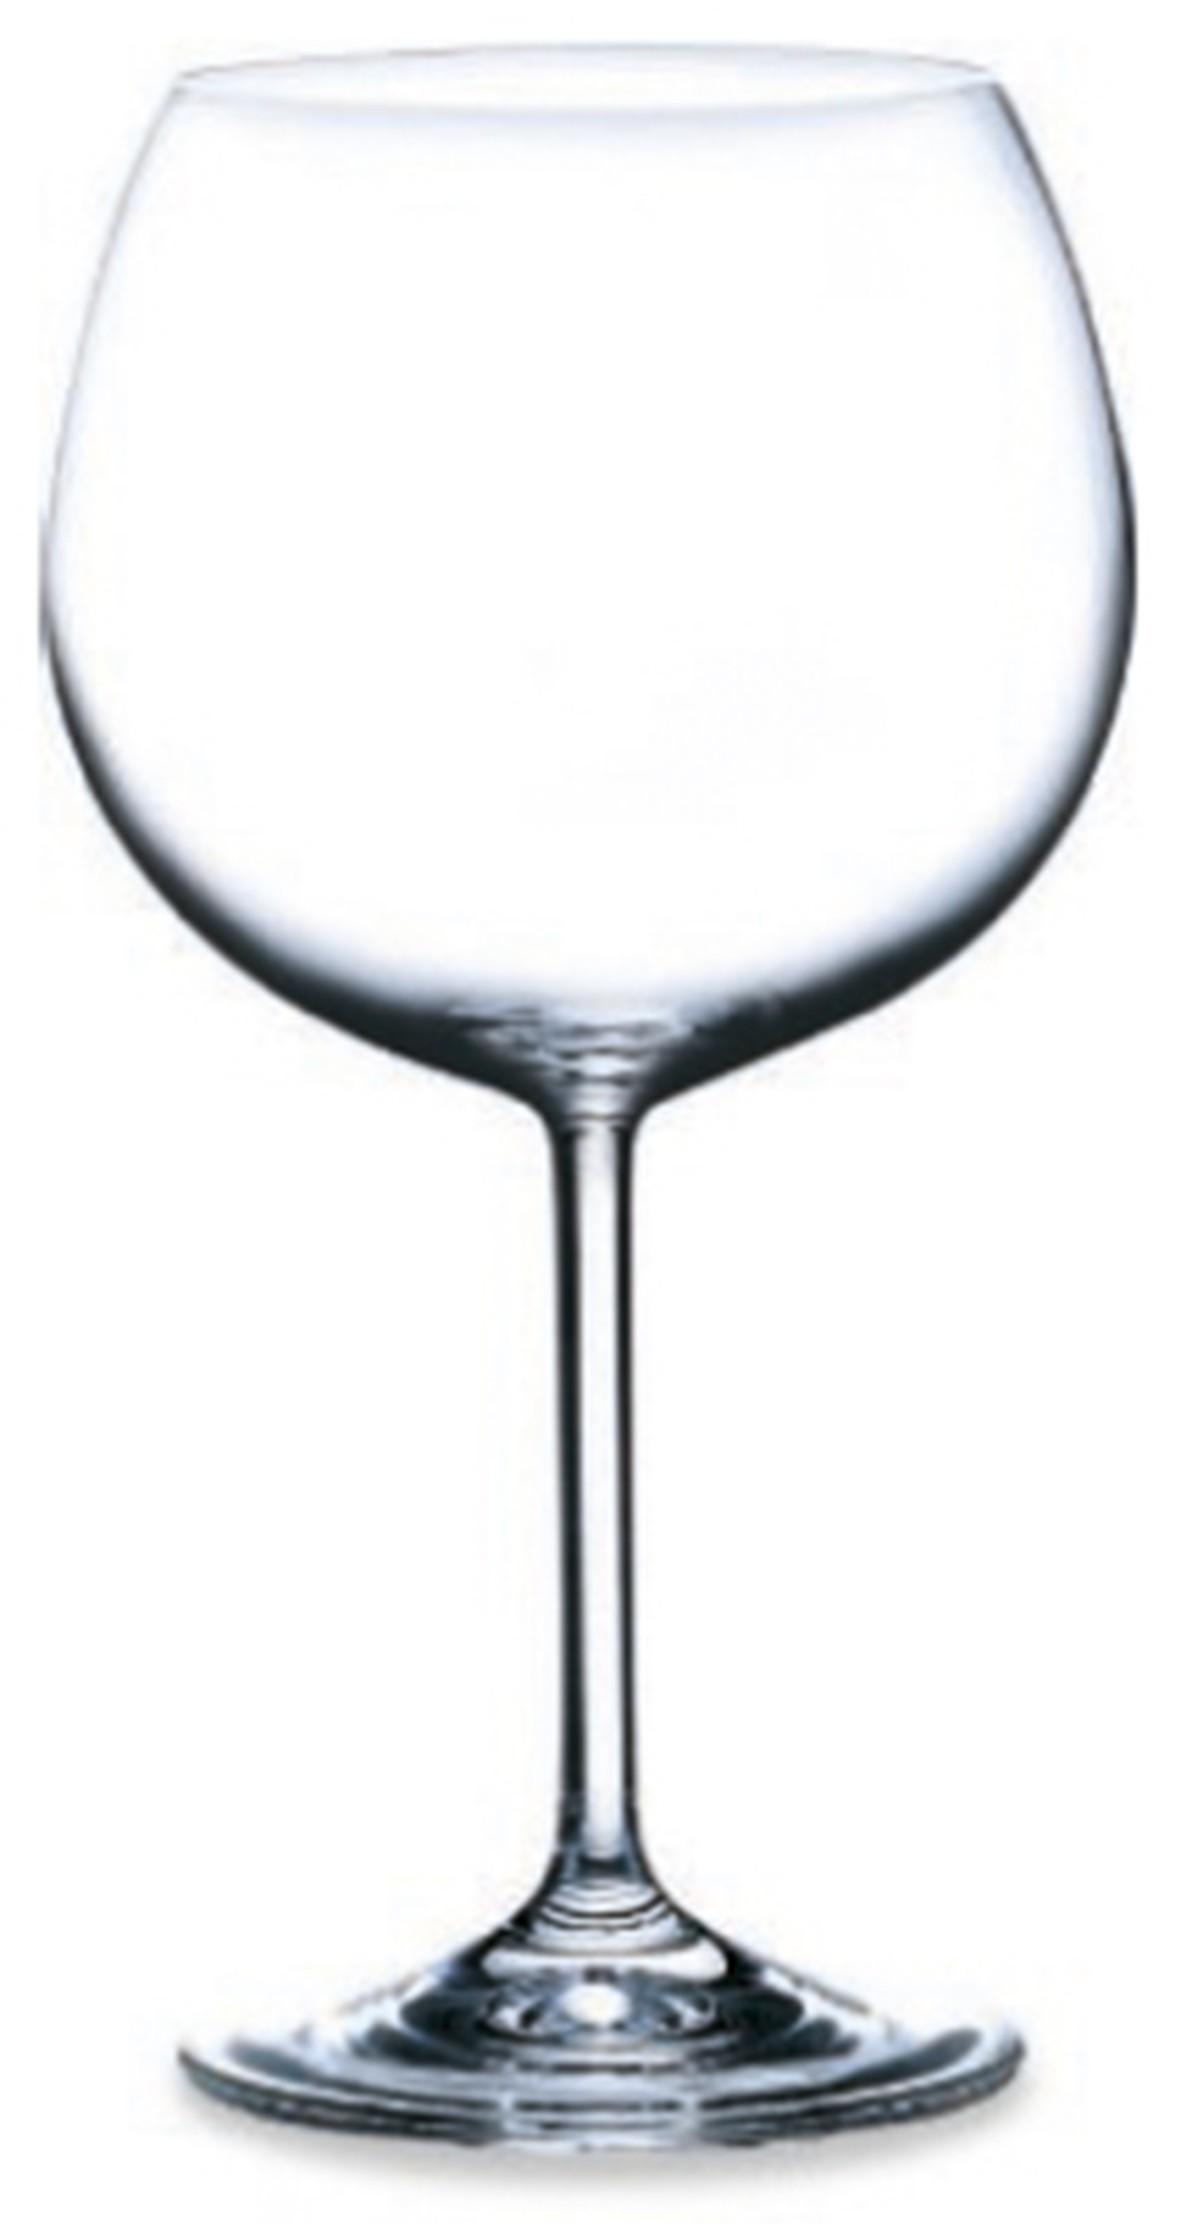 Hoe kies je een goede wijn